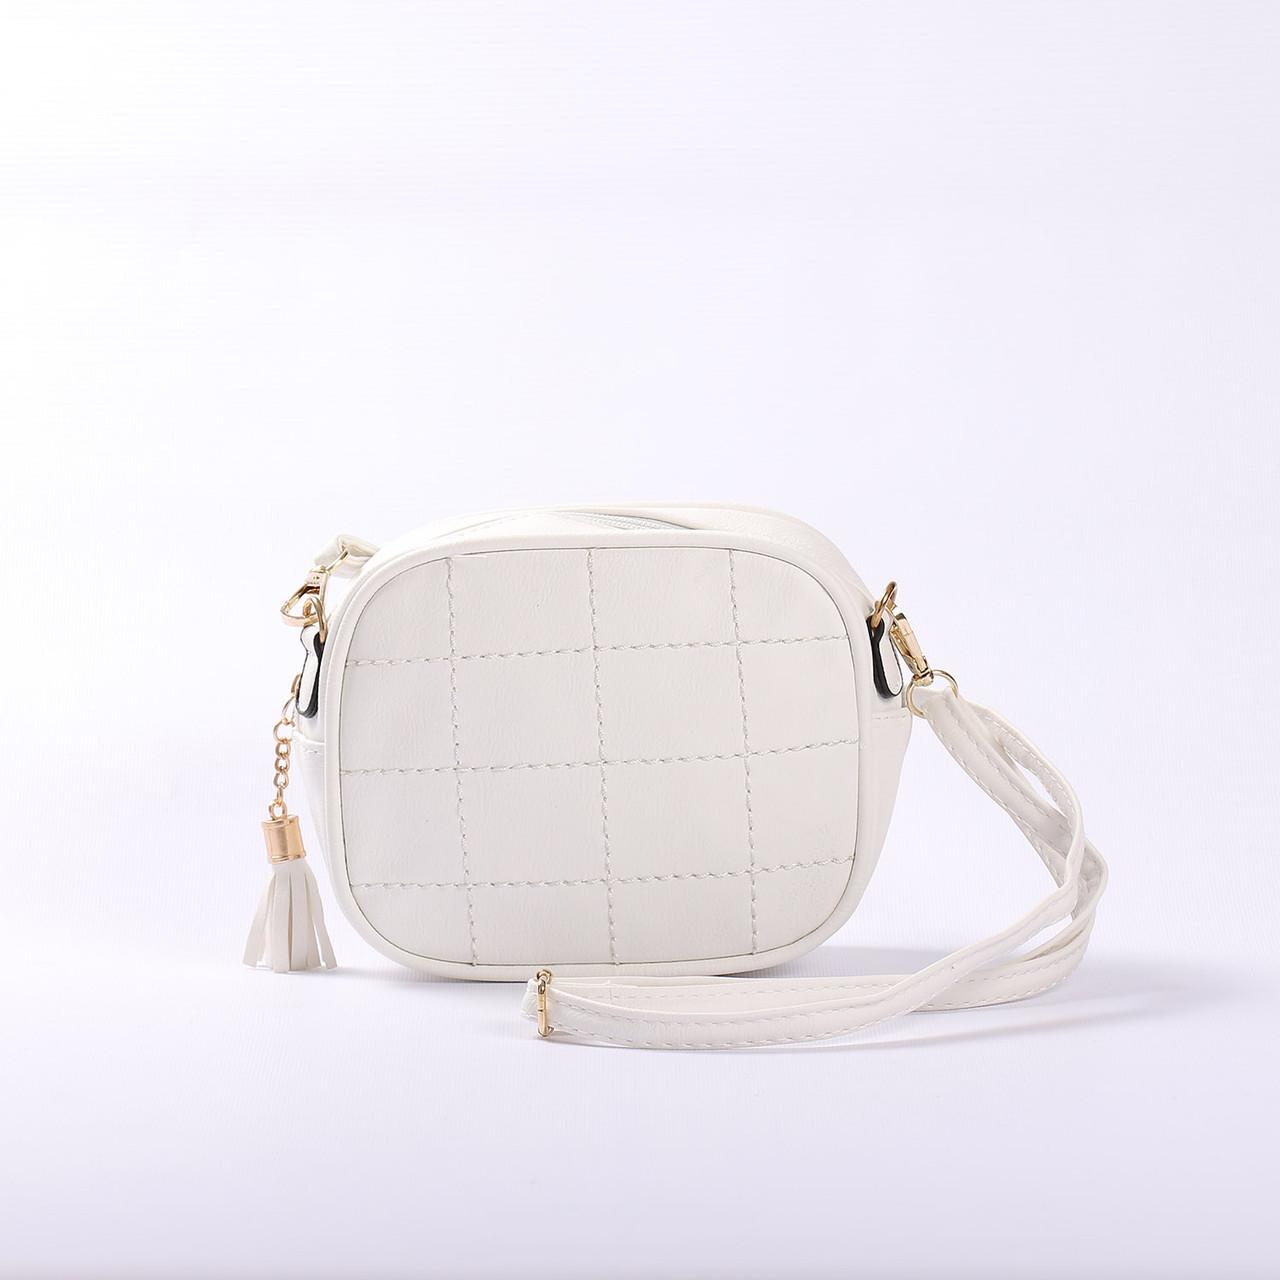 a1a808672c08 Женский повседневный клатч, сумка через плечо